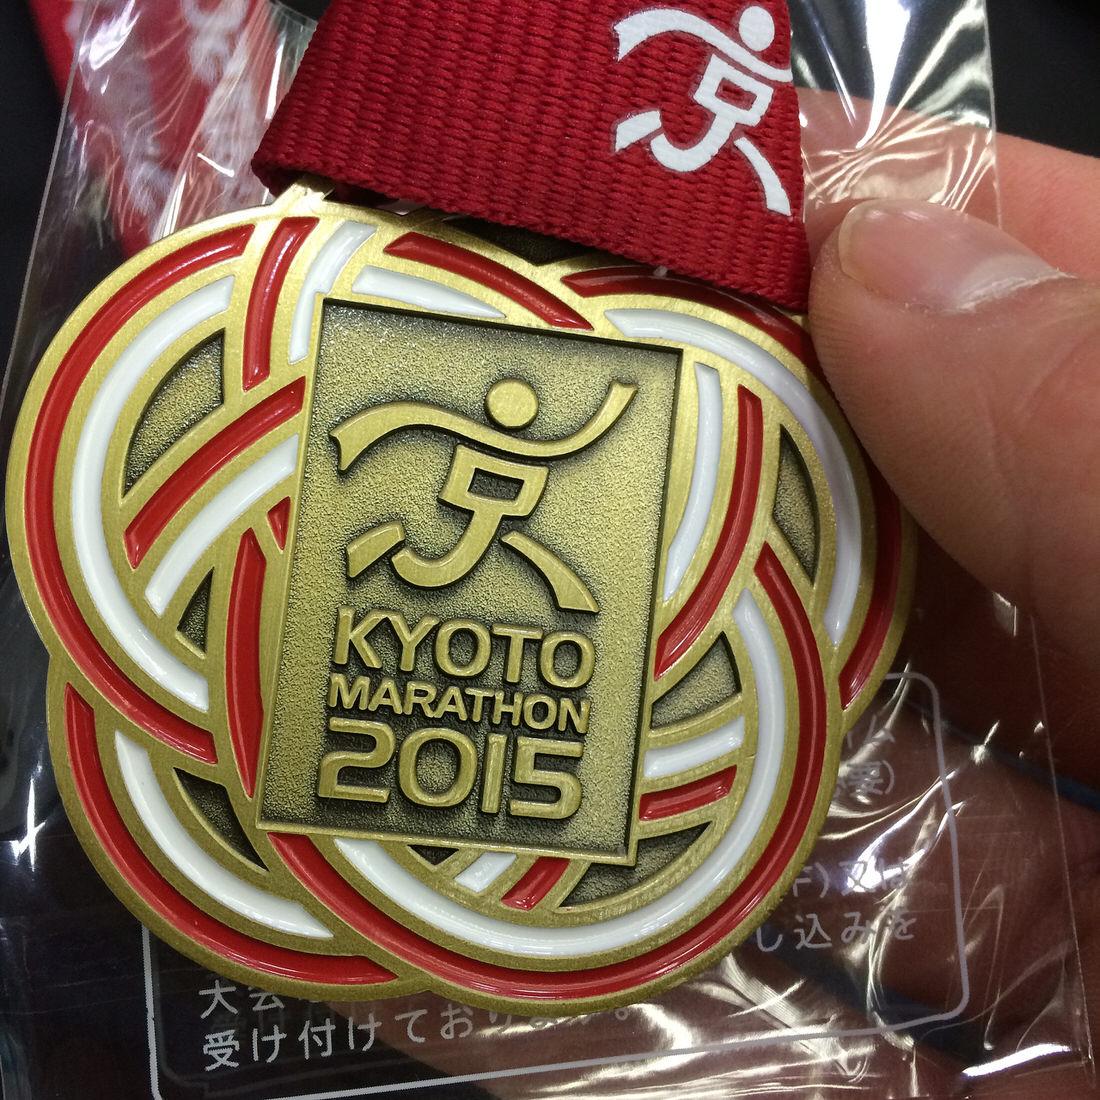 京都マラソン-メダル